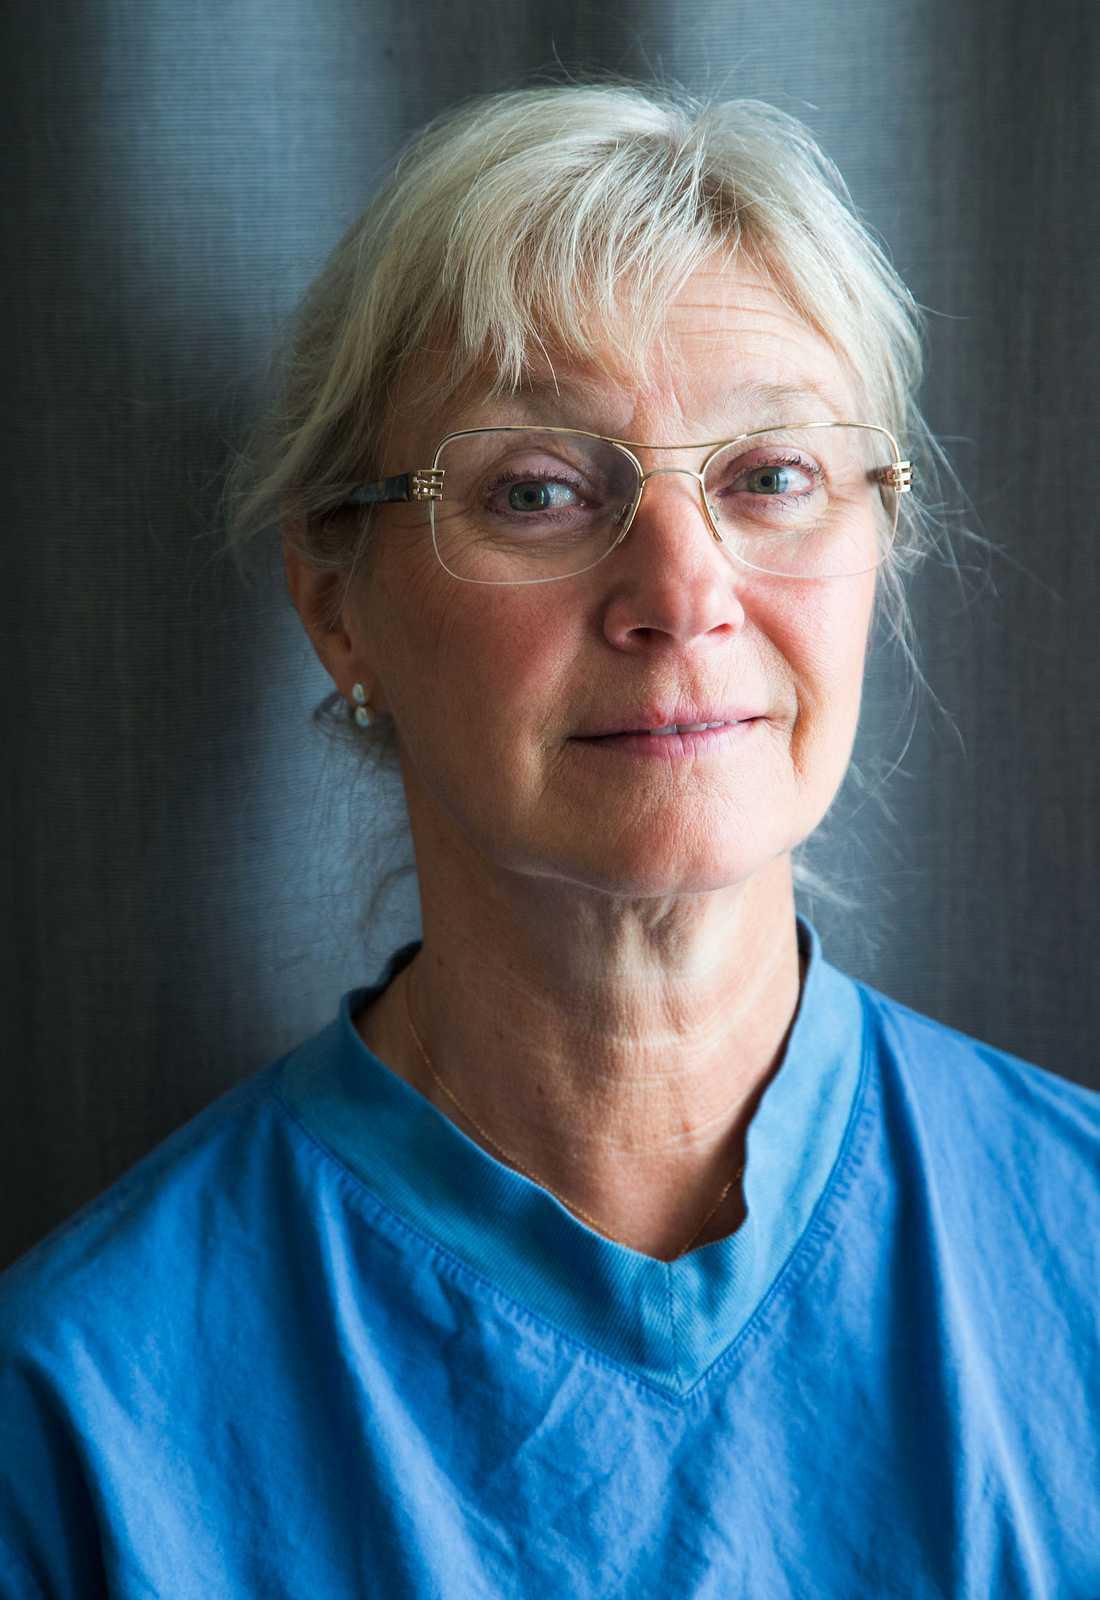 Eva Uustal är sakkunnig i rapporten från SBU om förlossningsskador på ändtarmens slutmuskel och en pionjär inom området.